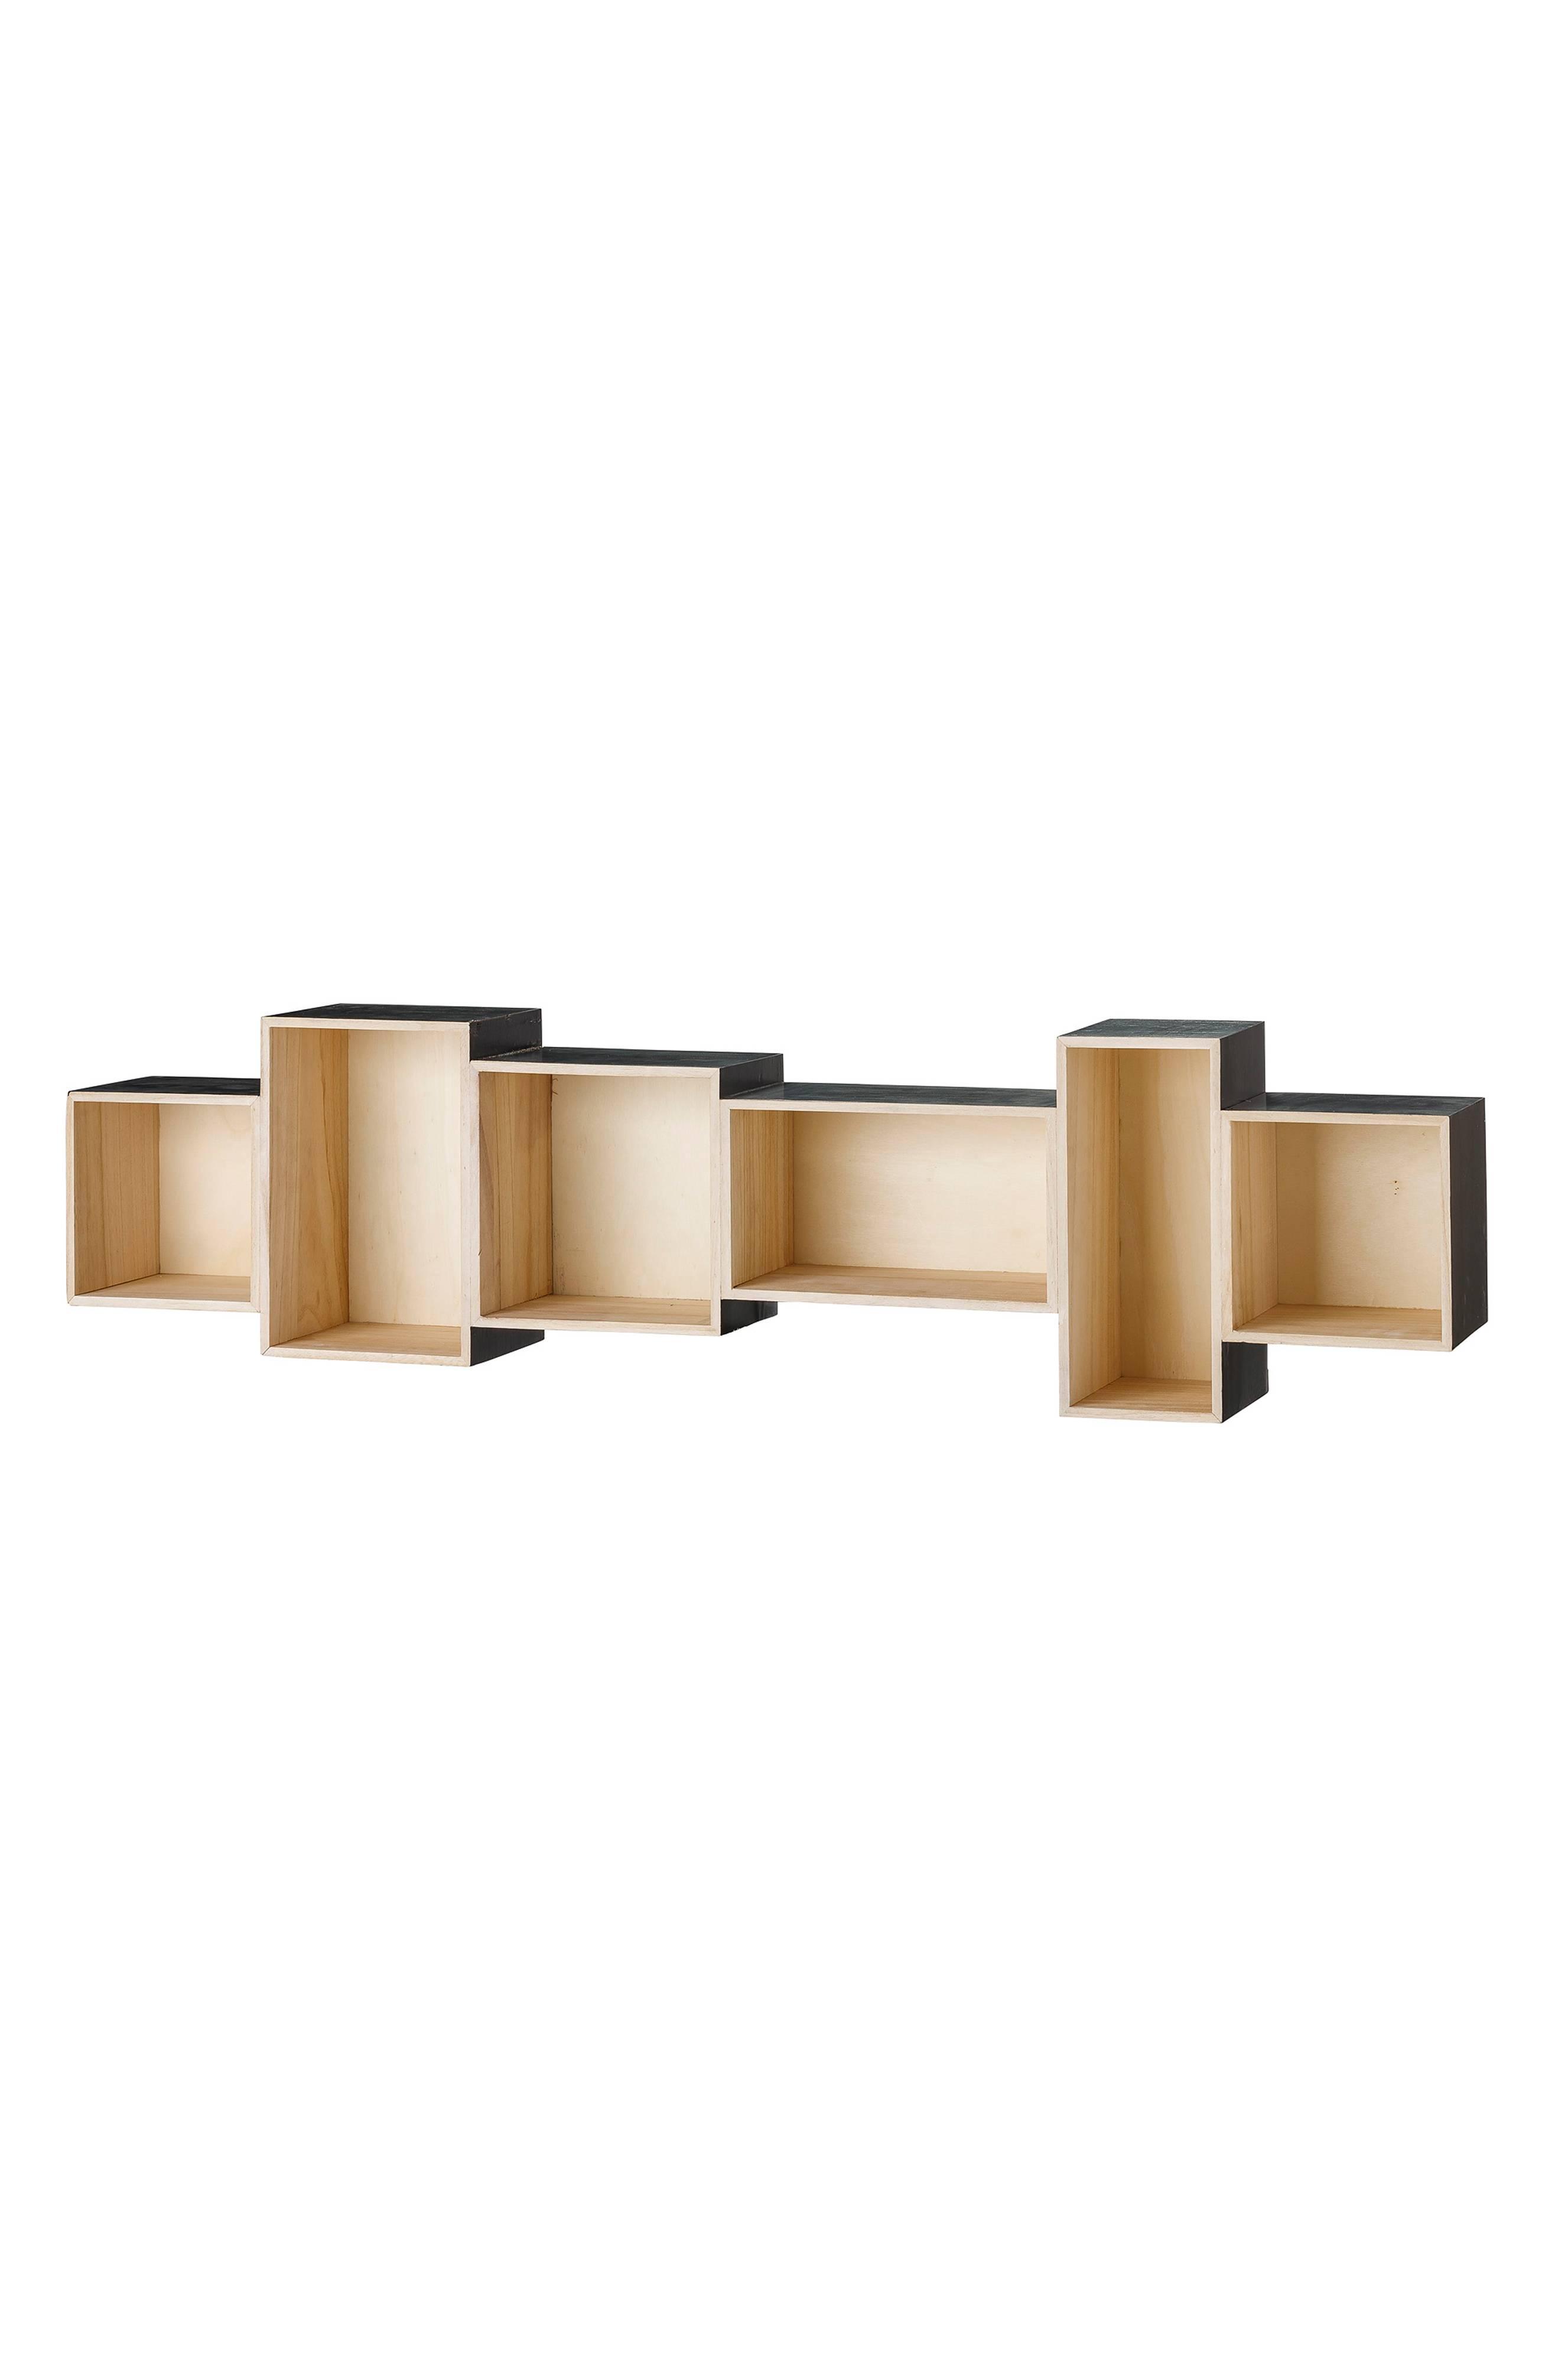 Modernistisk Bloomingville Hylle Rektangel - Svart - Hjem & innredning - Ellos.no HD-28